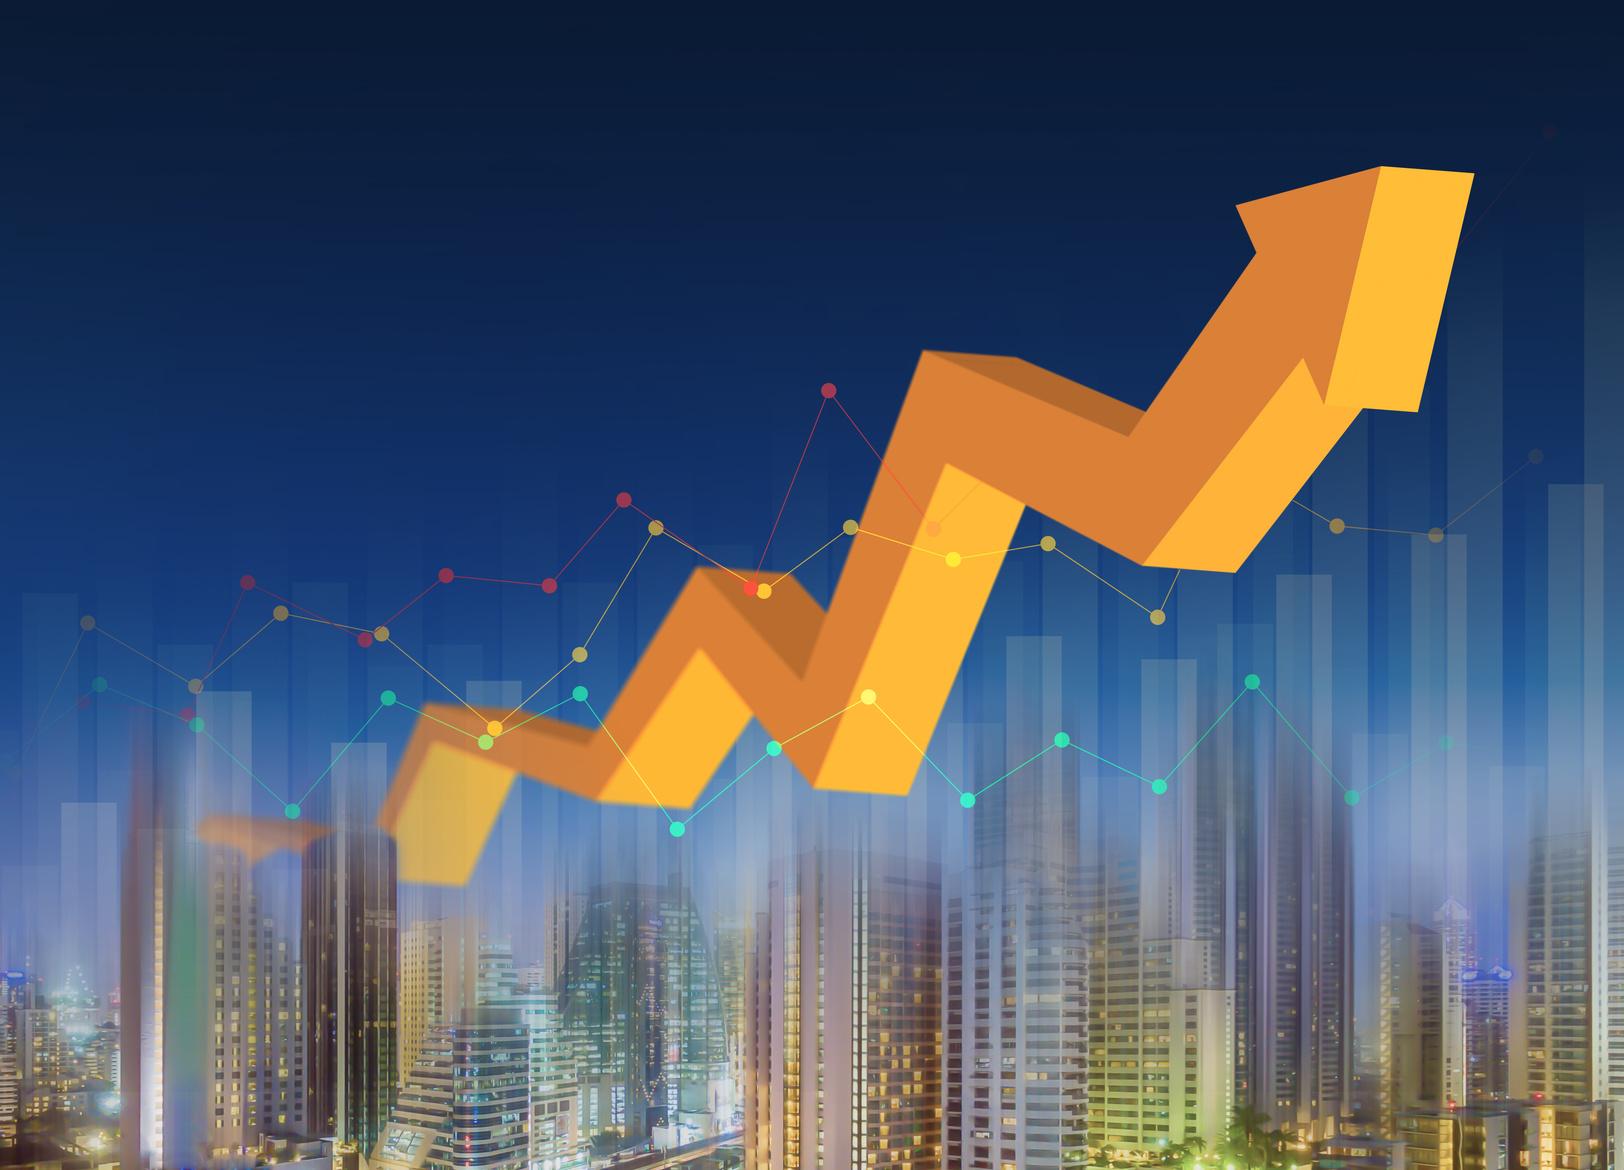 SOR注文(スマート・オーダー・ルーティング)とは?有利な価格で株を売買!特徴と活用するメリット・デメリットを解説。